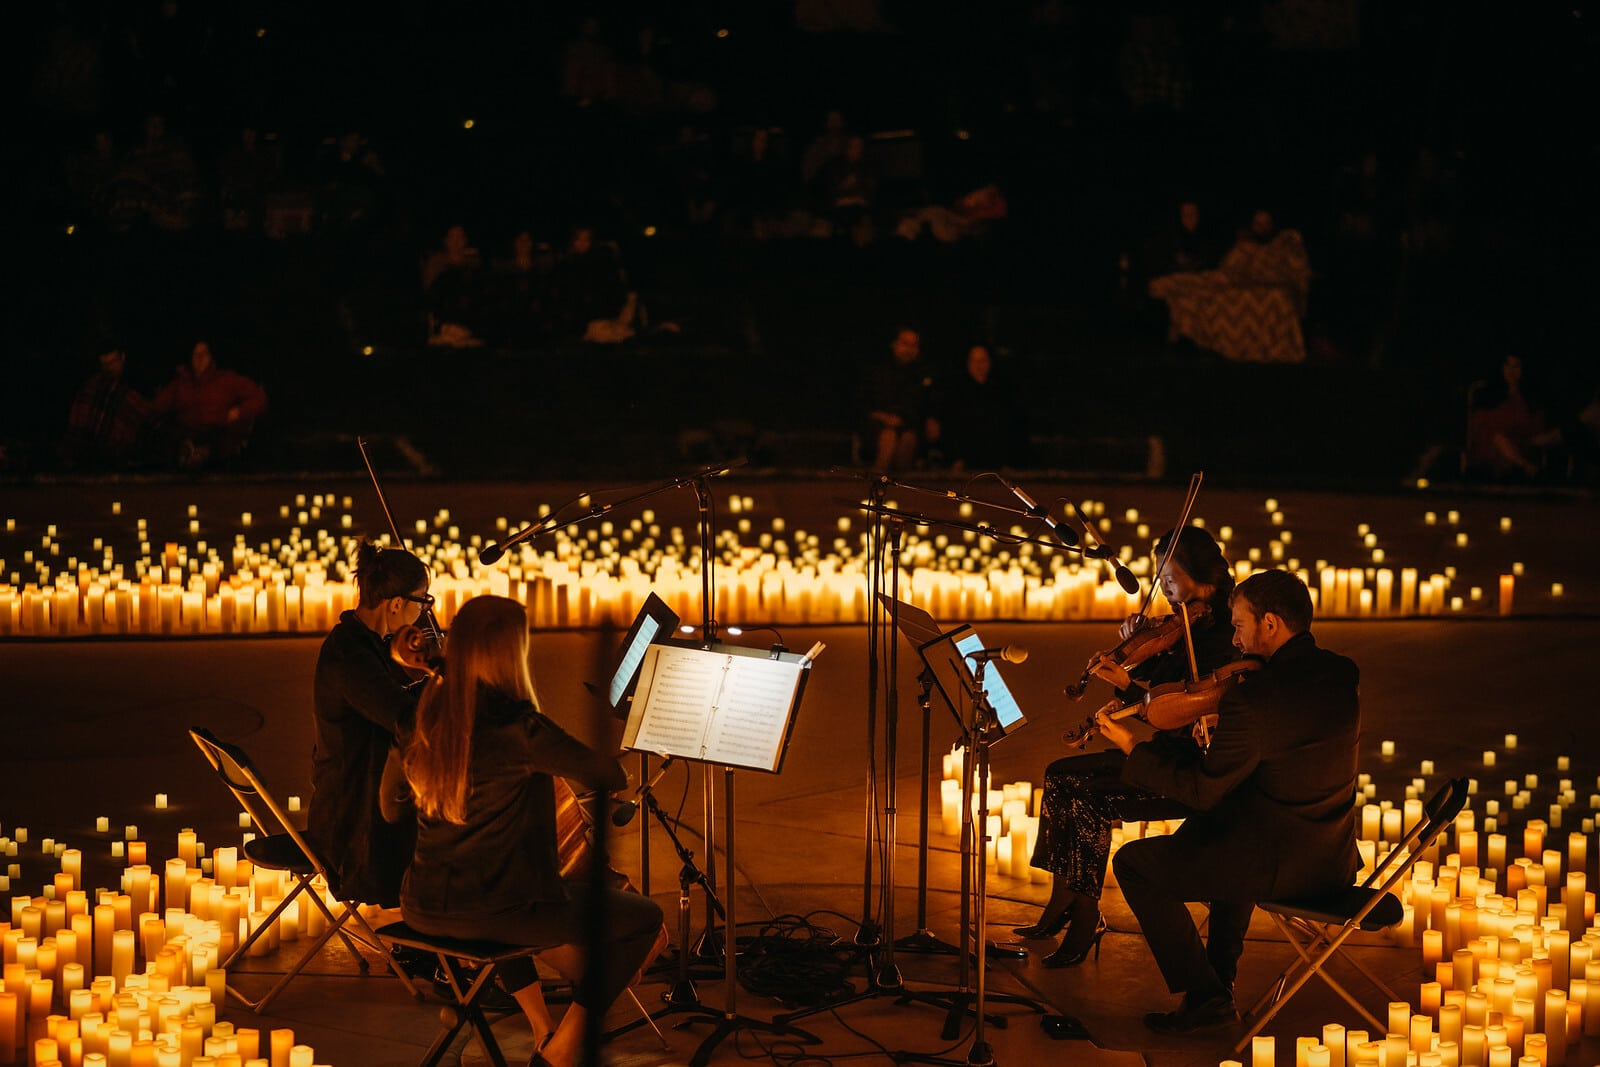 candlelight open air concert à la bougie genève